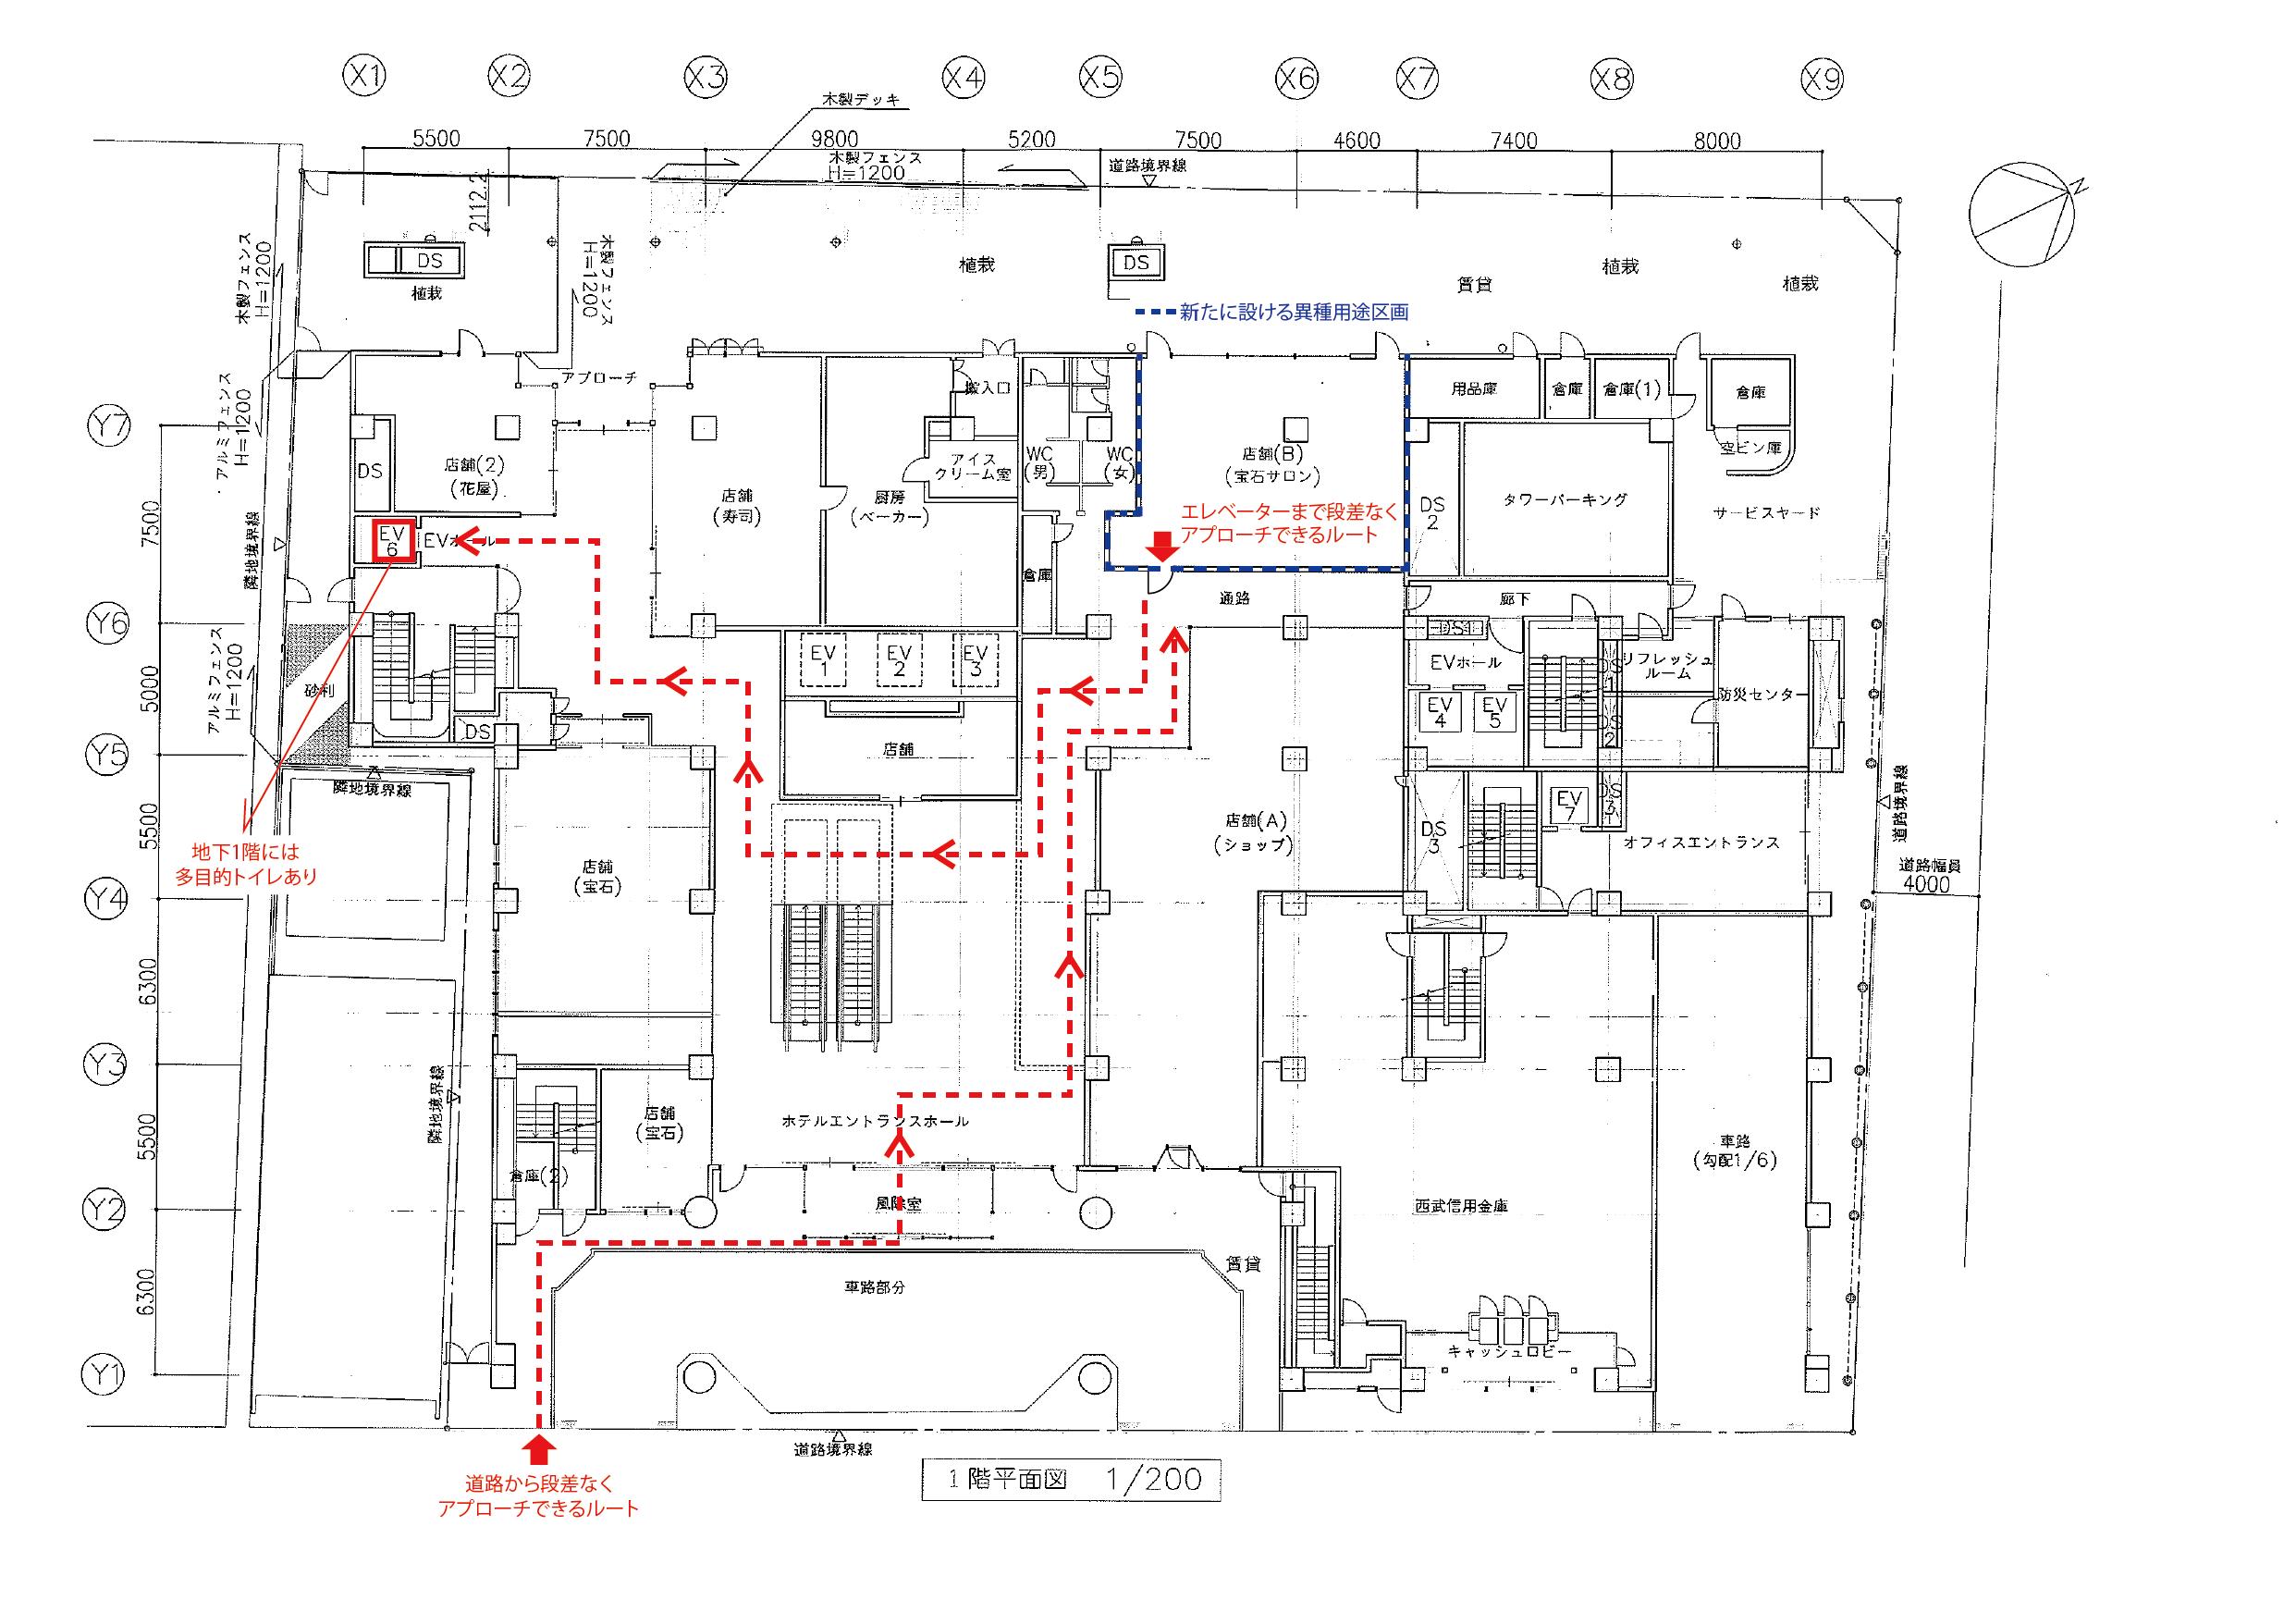 保育施設が入居するために新たに異種用途区画を設けたテナントビルの1階全体平面図